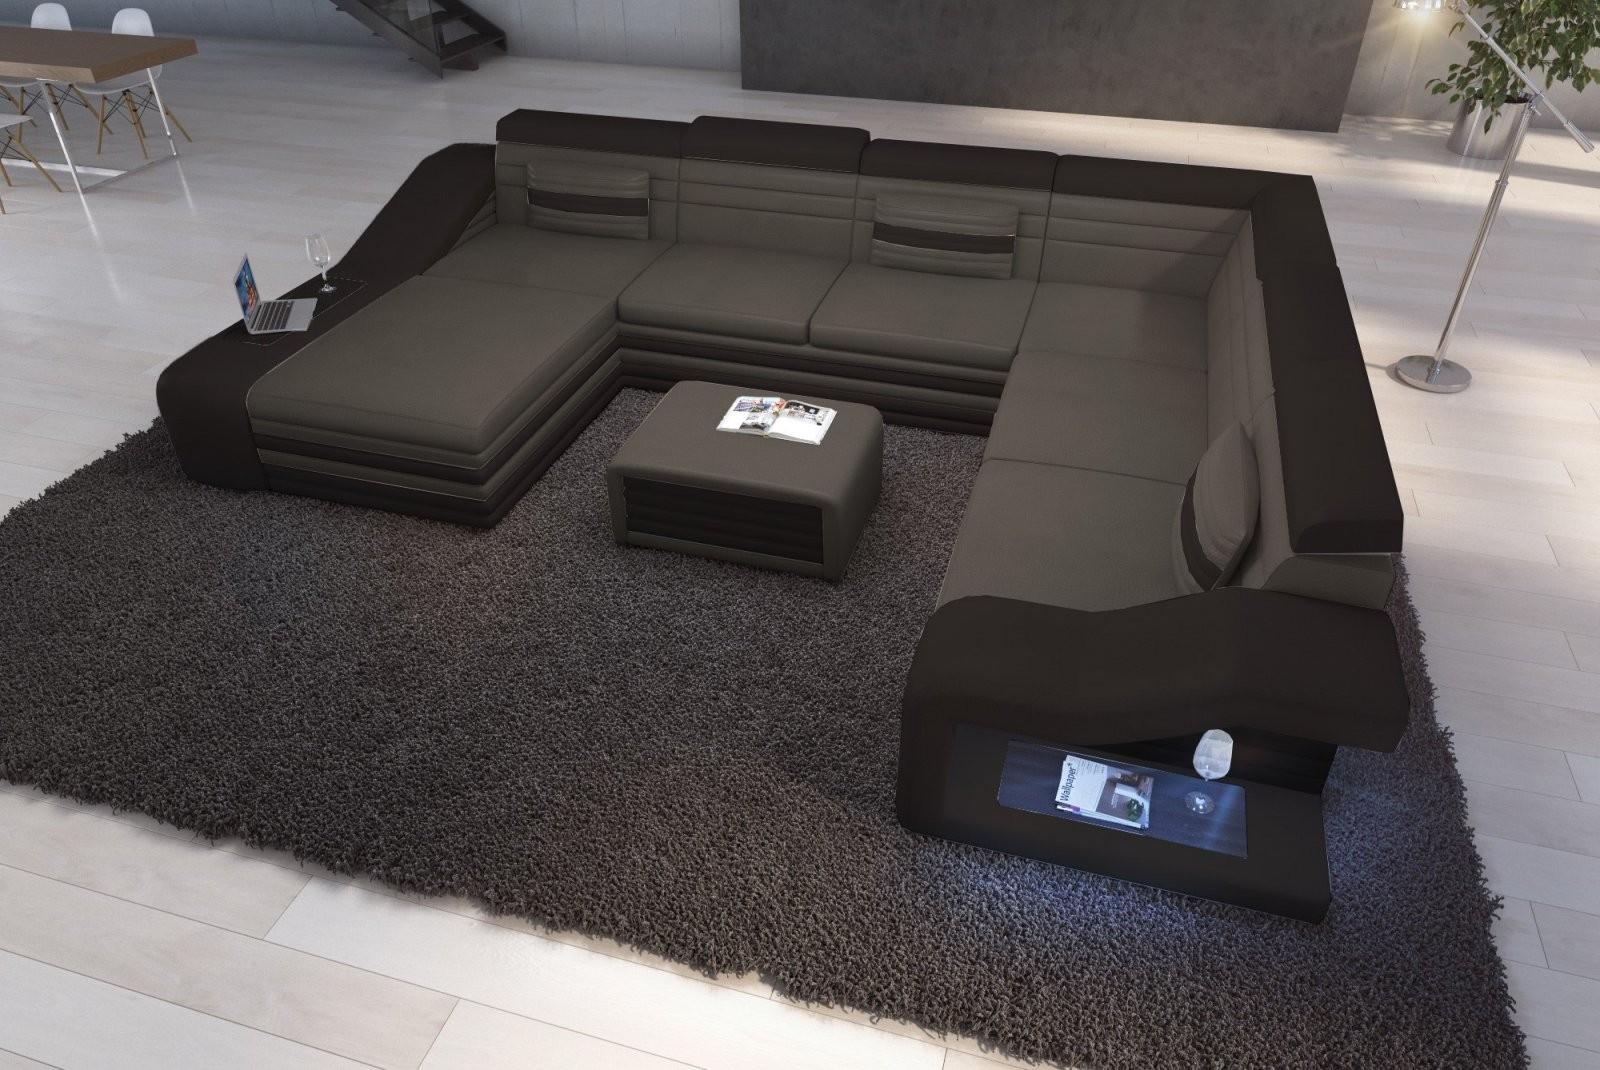 Nativo Designermöbel Deutschland  Ledersofa Mirage Xxl Günstig Kaufen von Couch Mit Led Beleuchtung Bild